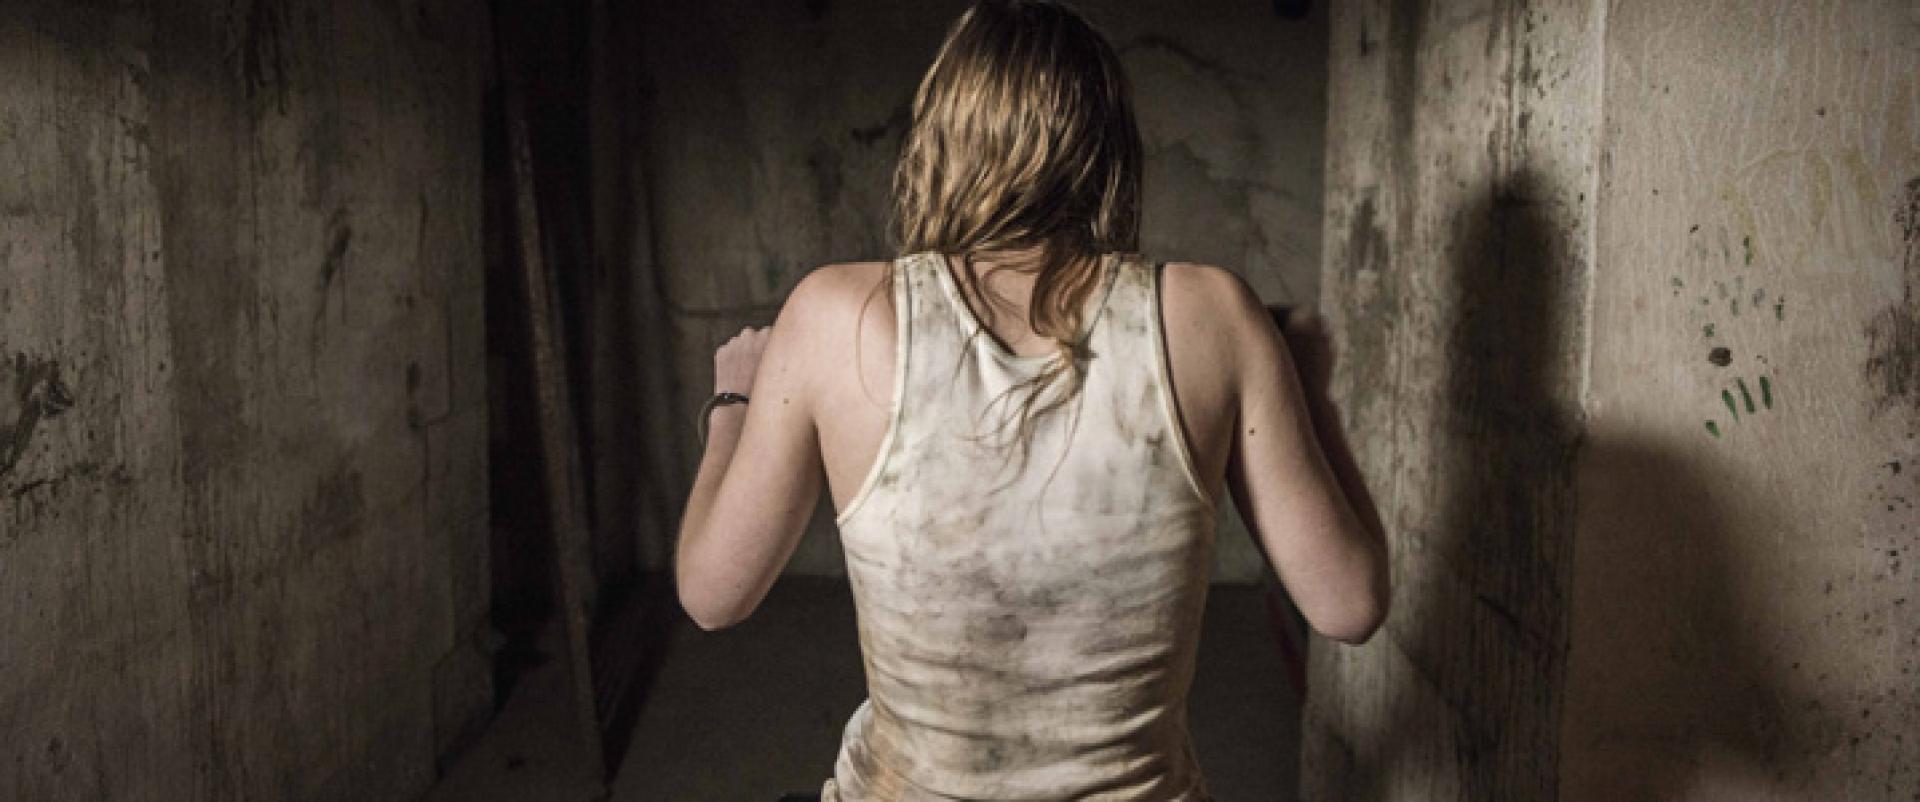 The Abandoned - Falak között (2015)